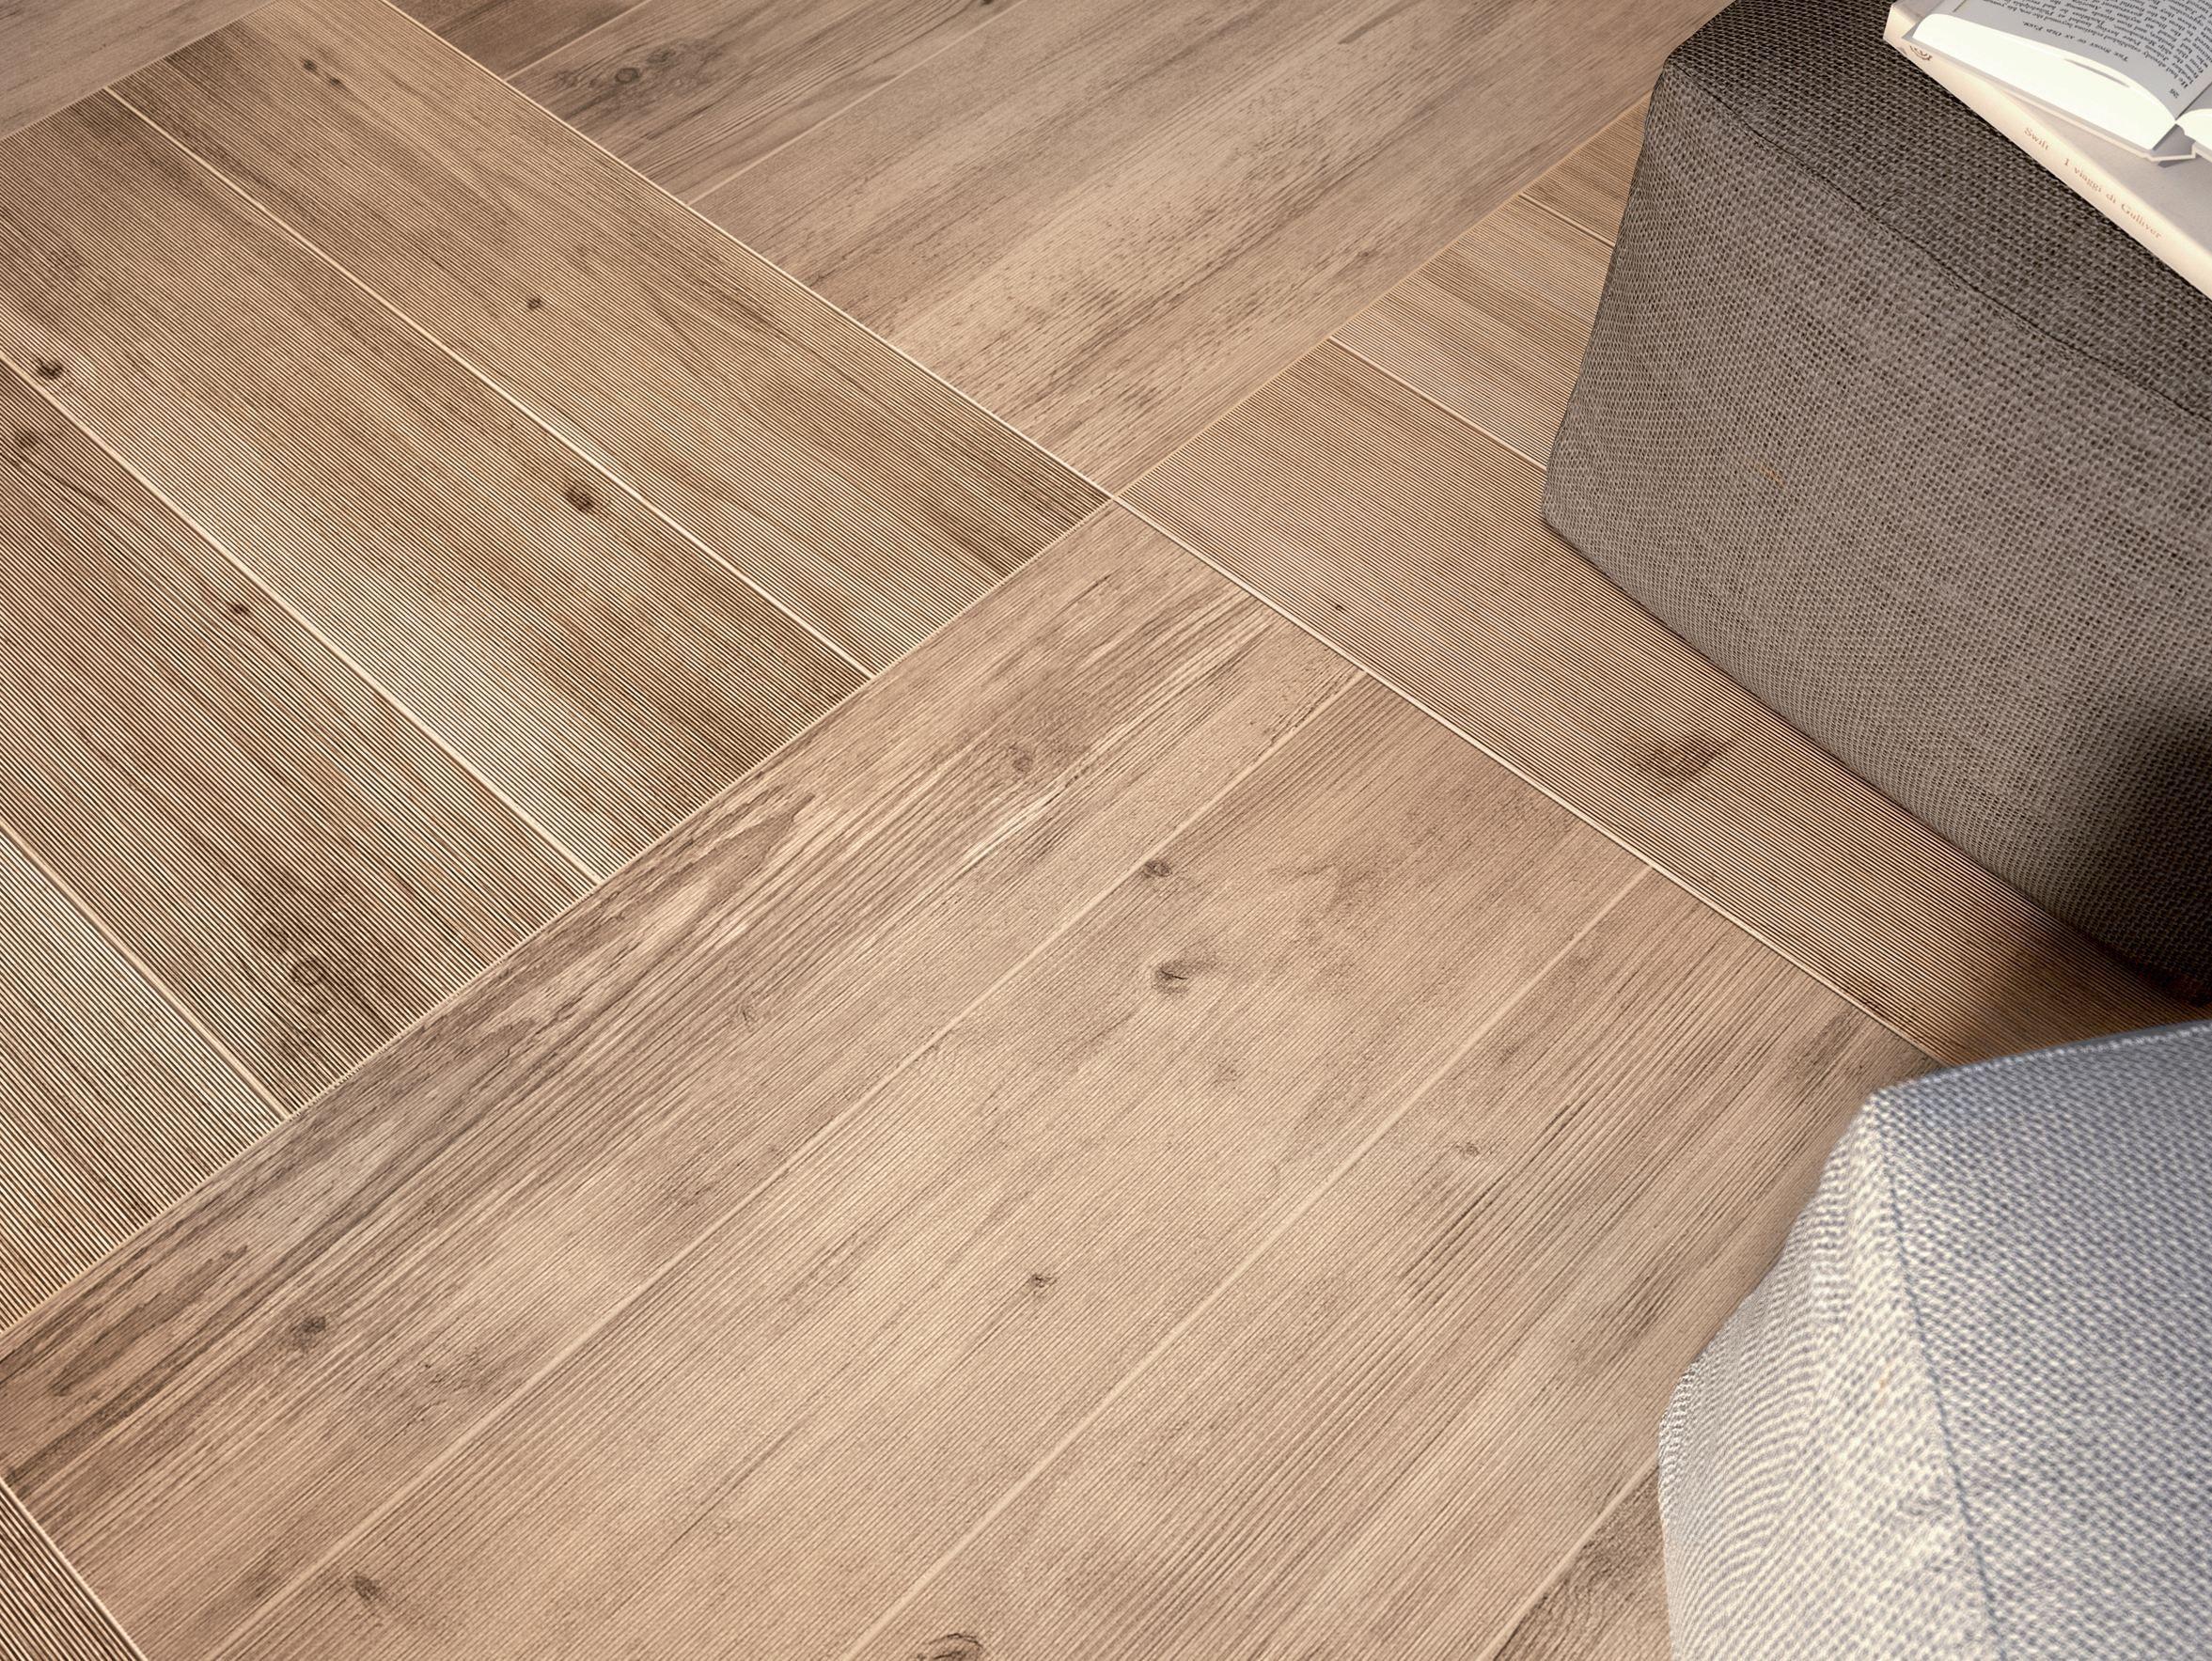 revestimiento de paredsuelo de gres porcelnico imitacin madera larix by ariana ceramica italiana - Suelos Ceramica Imitacion Madera